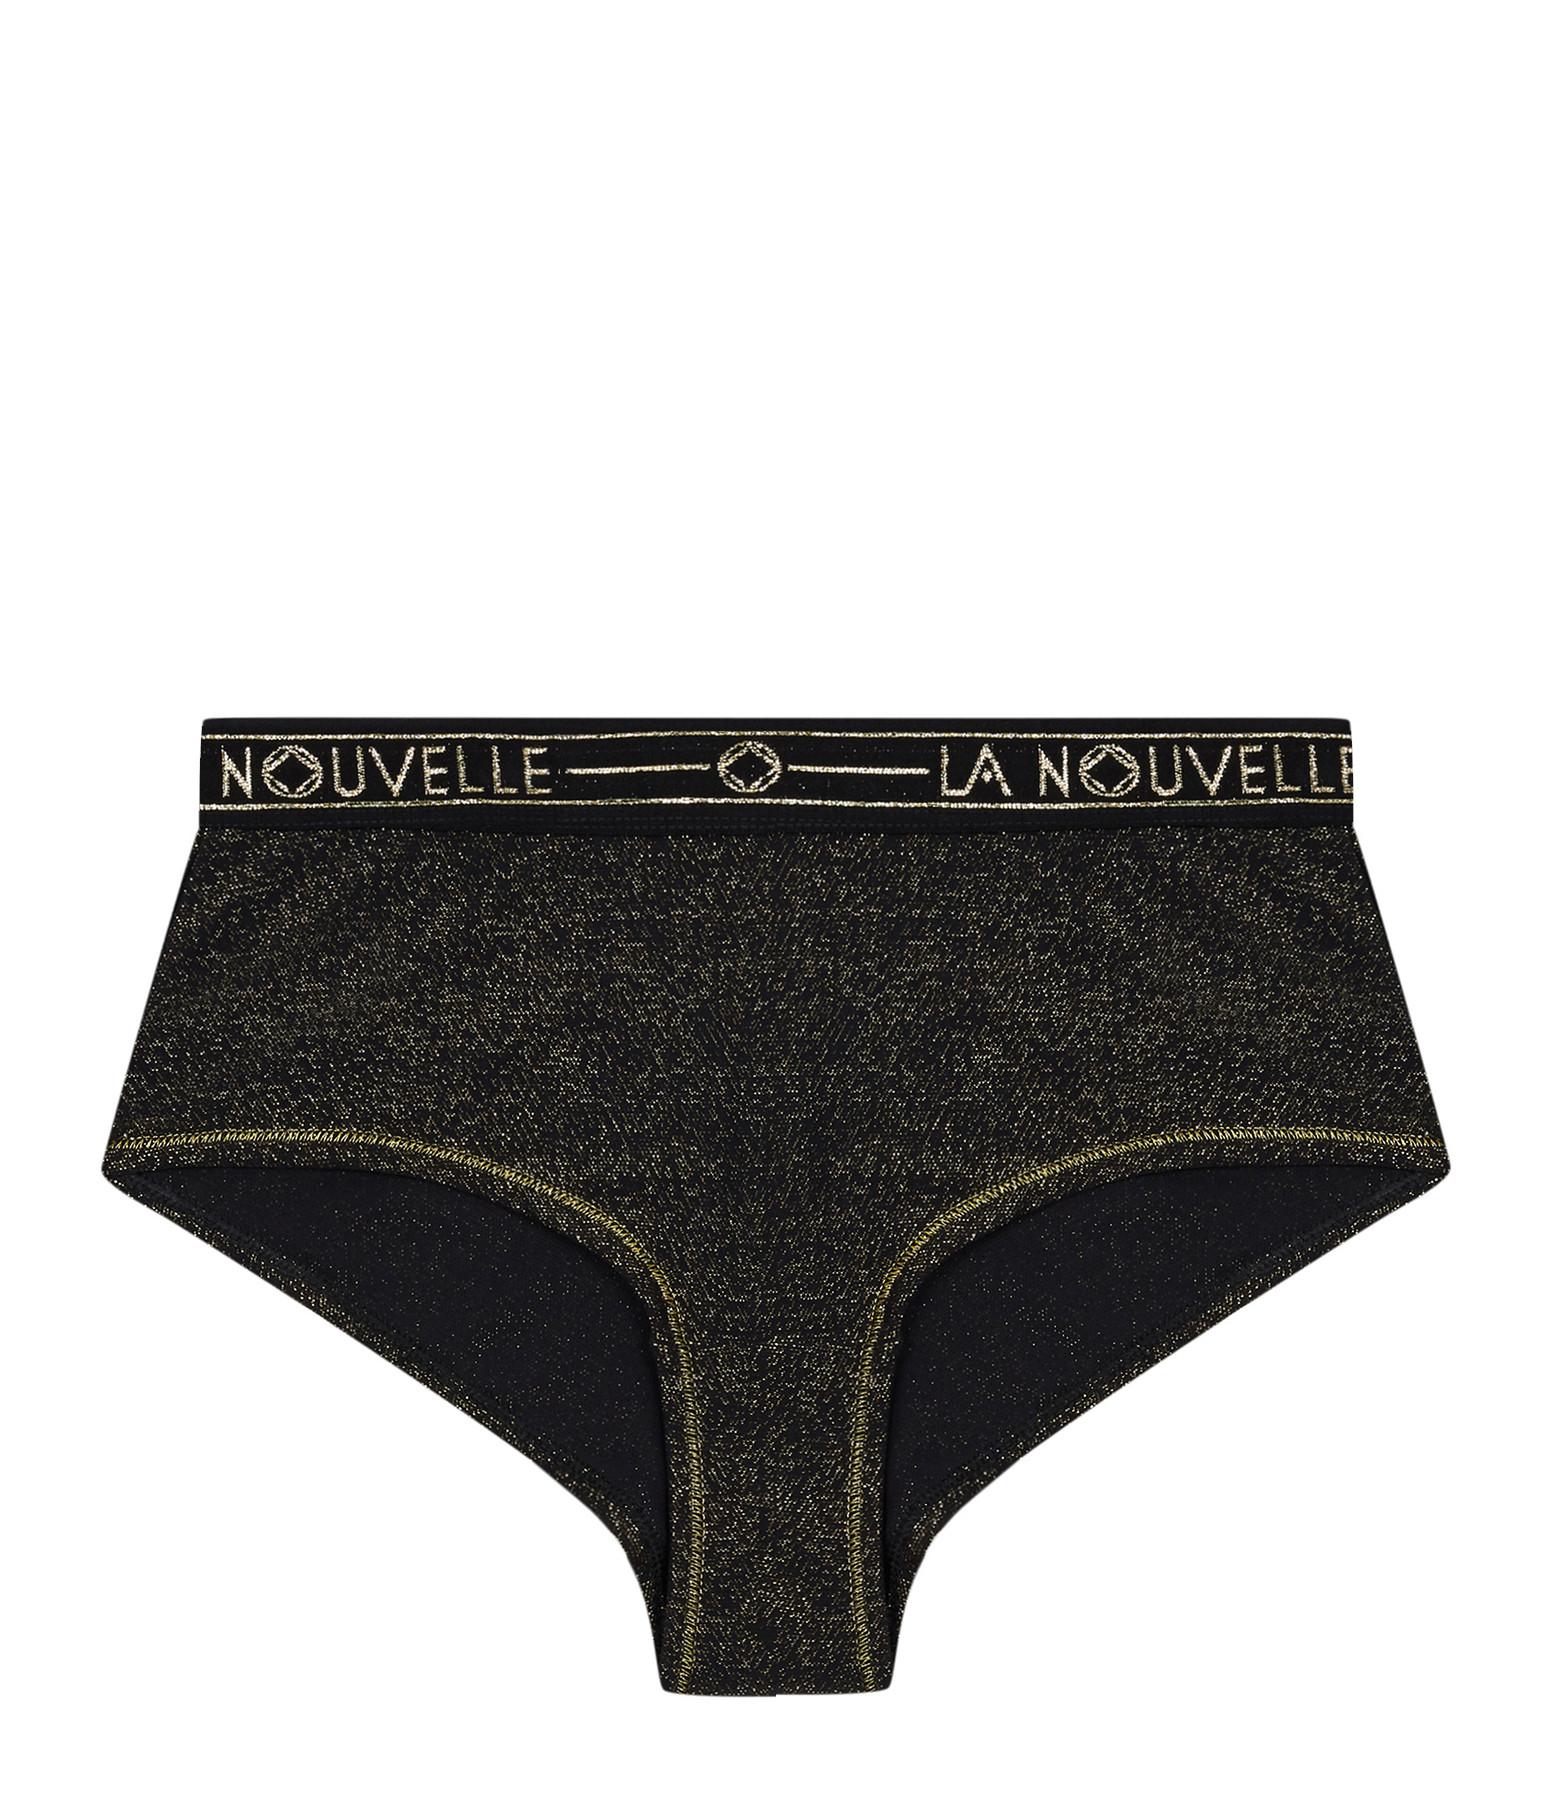 LA NOUVELLE - Shorty Judith Lurex Noir